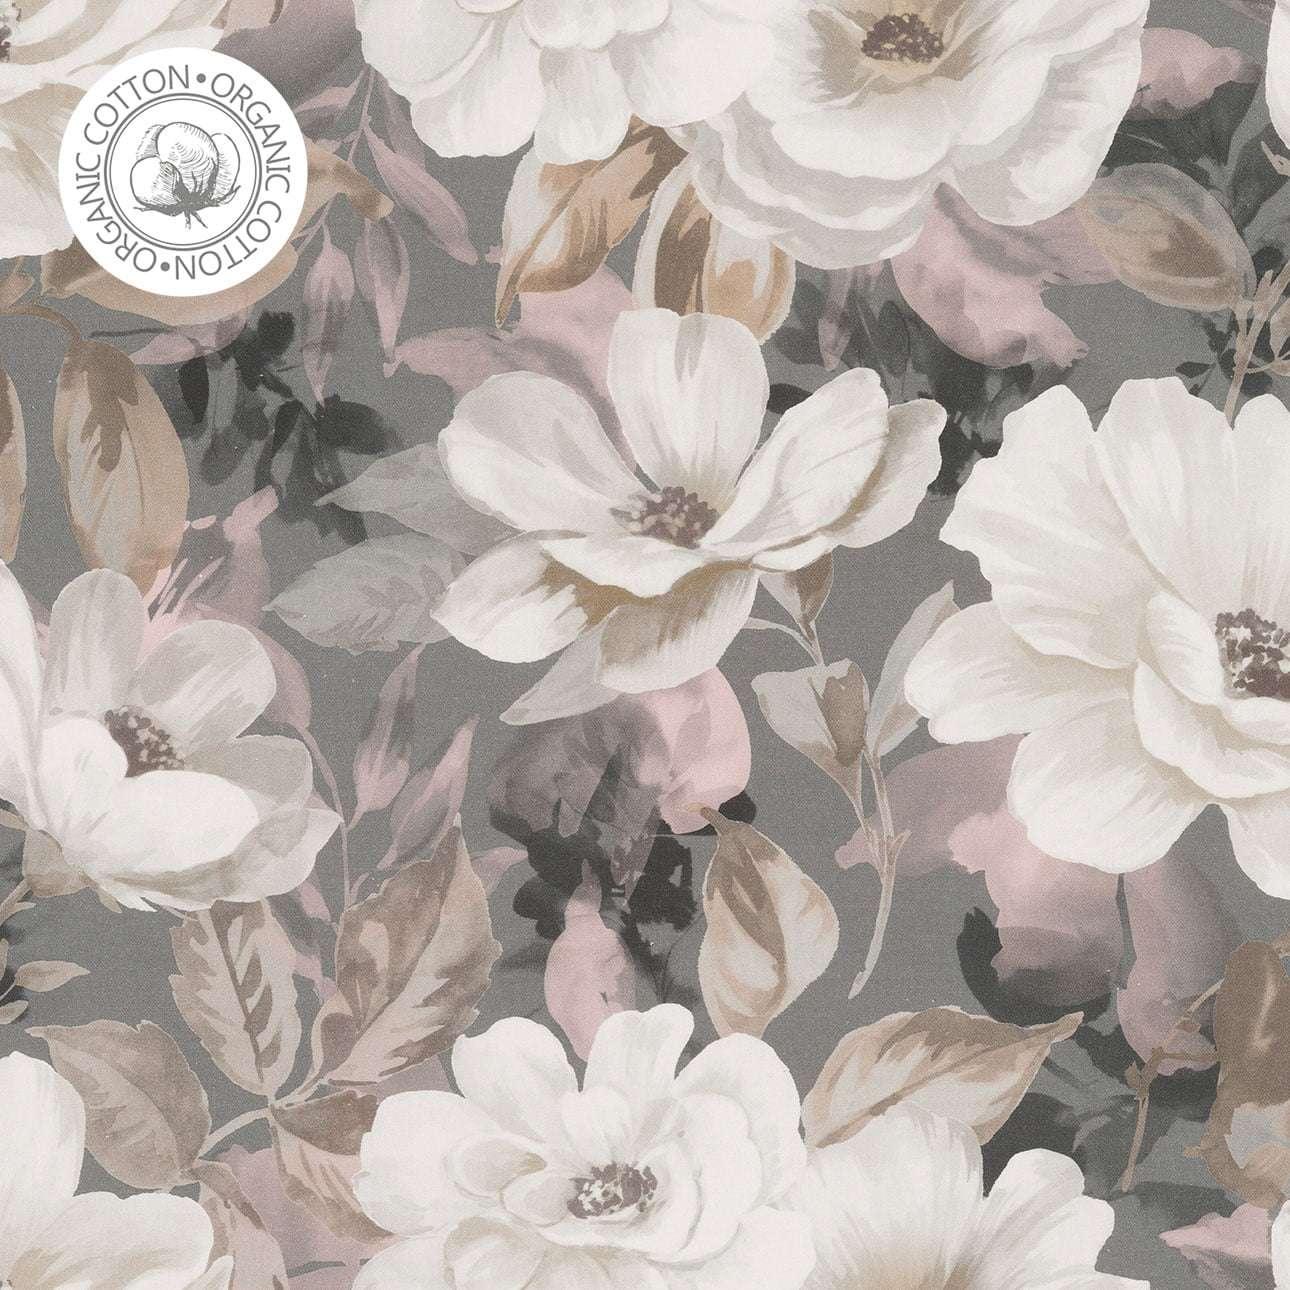 Gardenia 142-13 mallistosta Gardenia, Kangas: 142-13